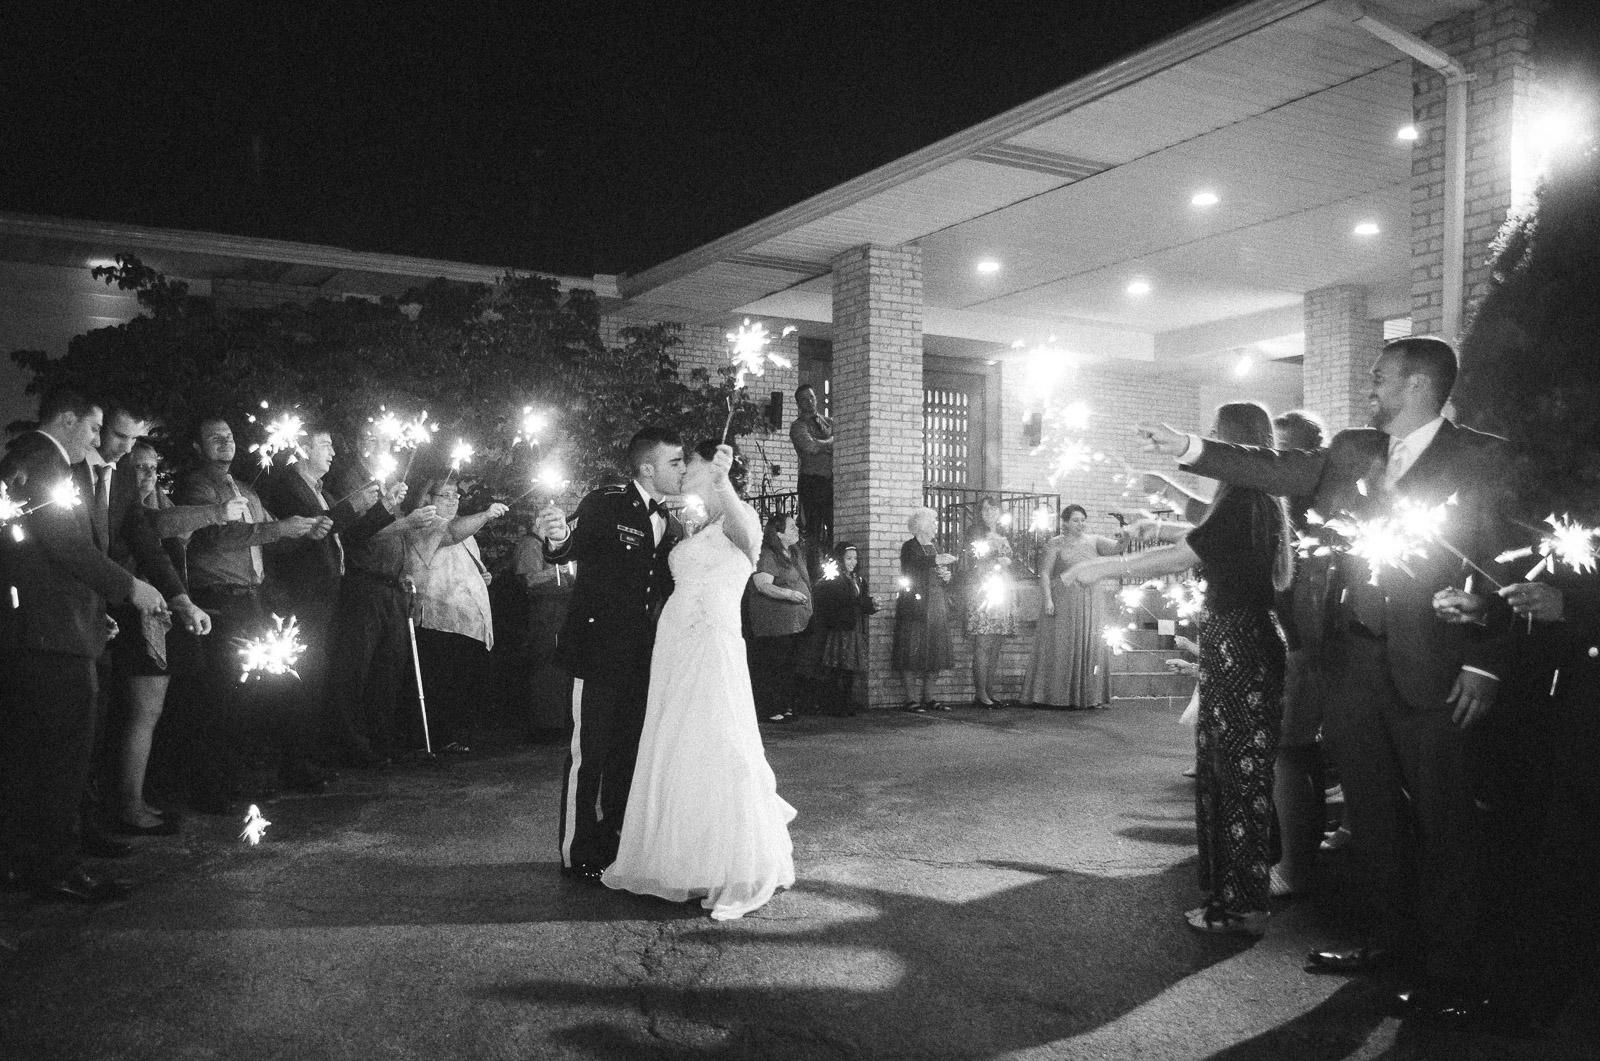 wedding-sparkler-exit.jpg